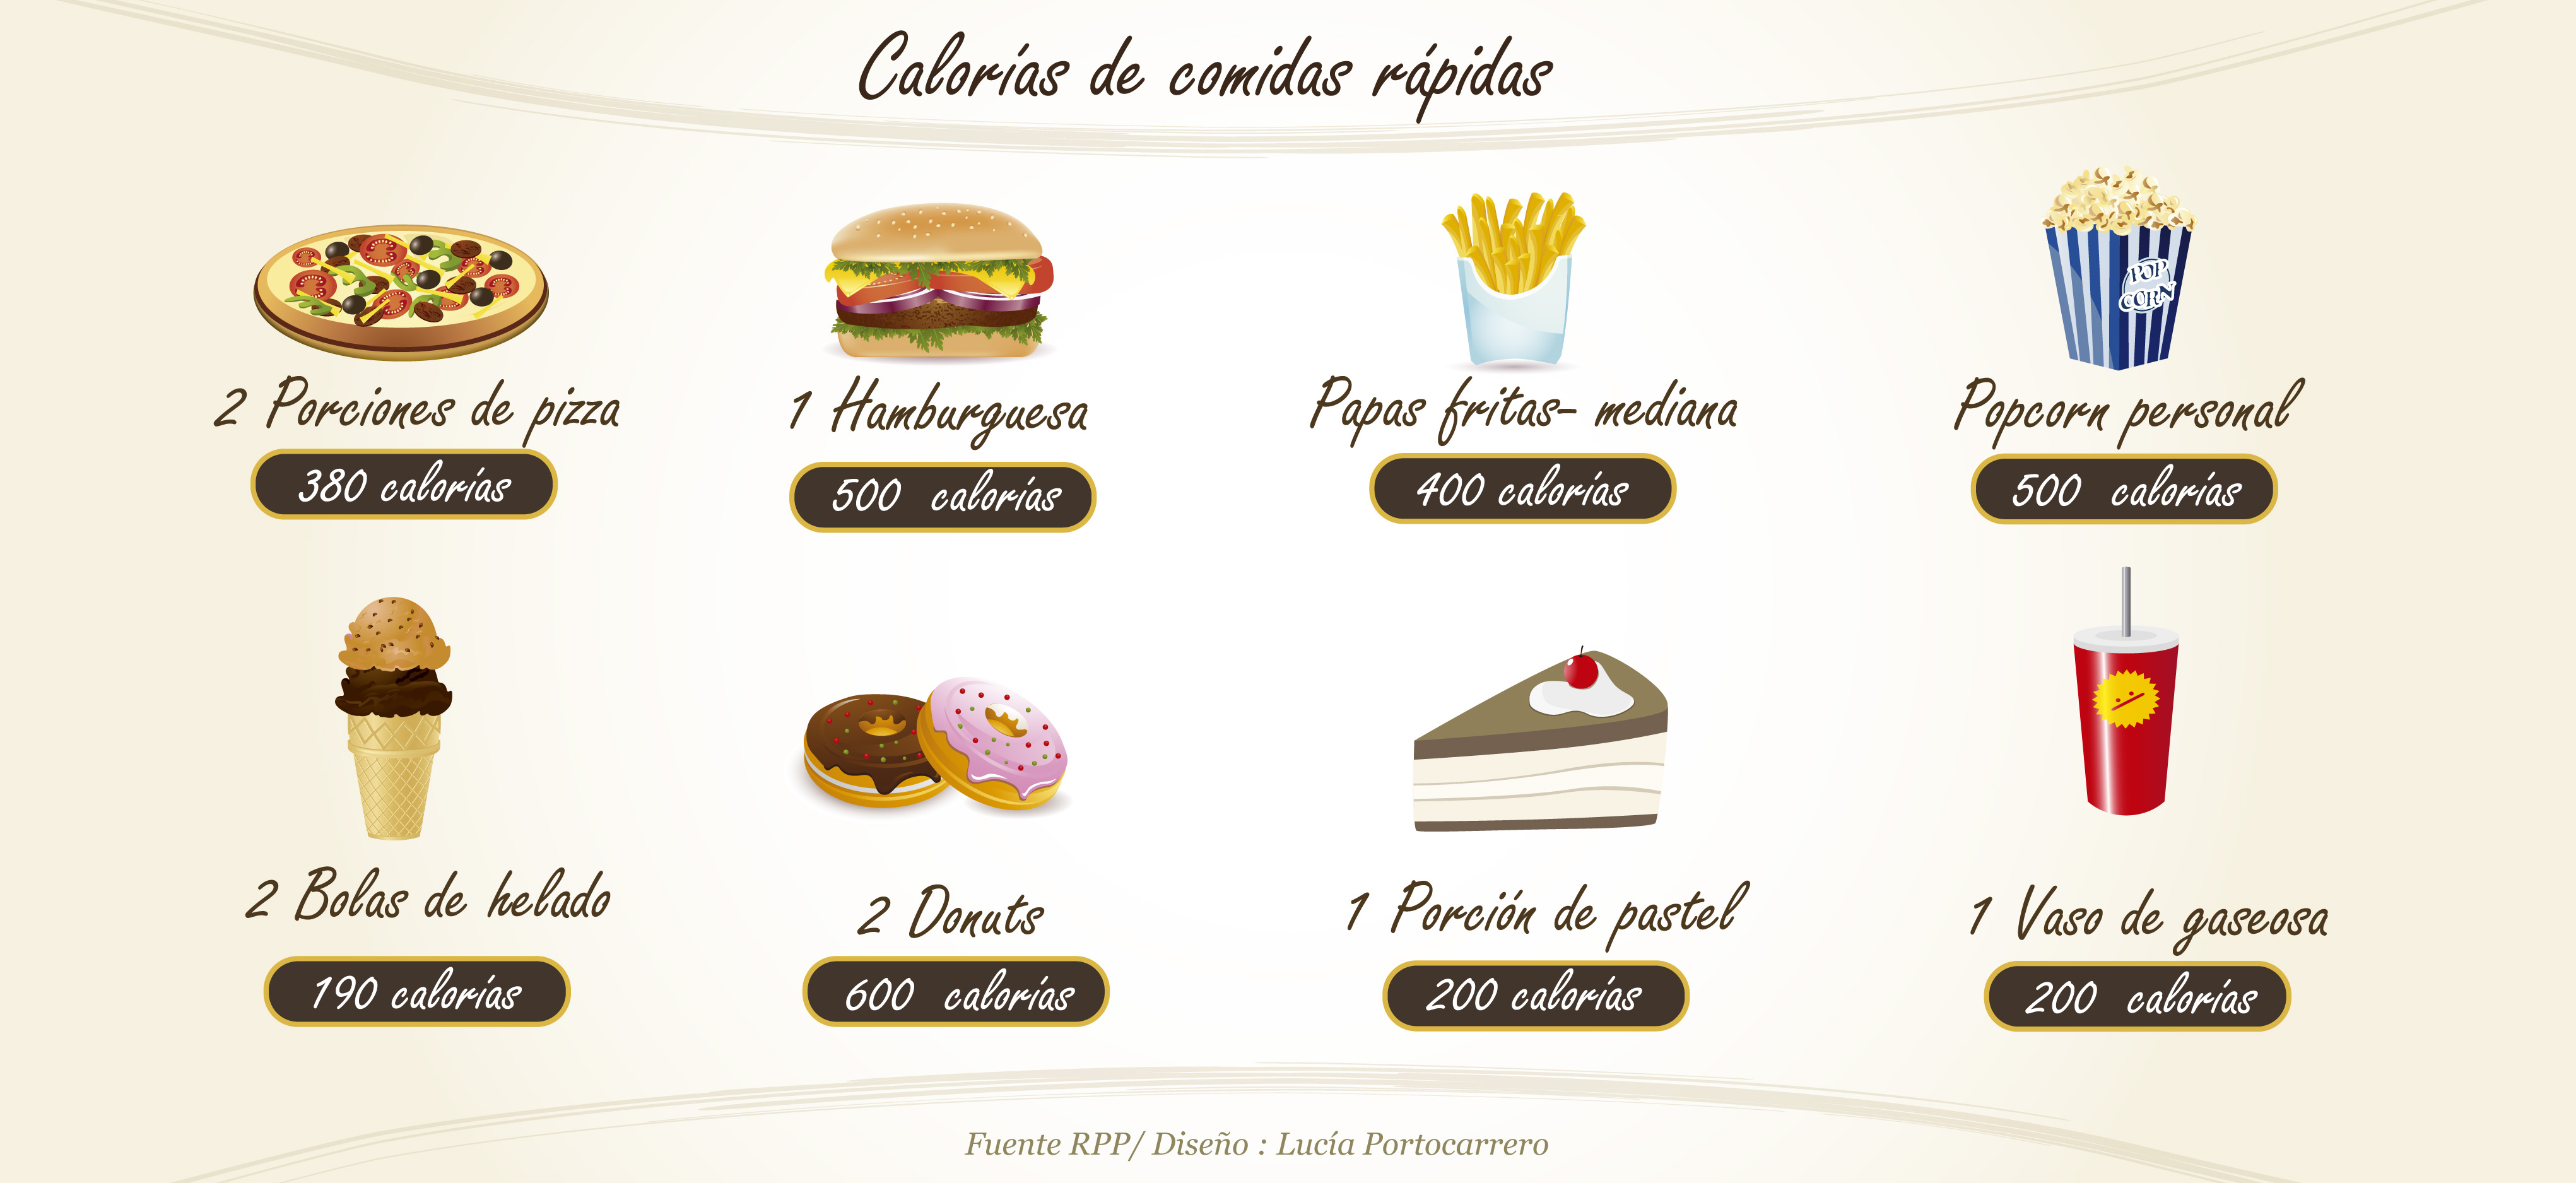 Las calor as de los alimentos aliadas o enemigas - Tabla de los alimentos y sus calorias ...